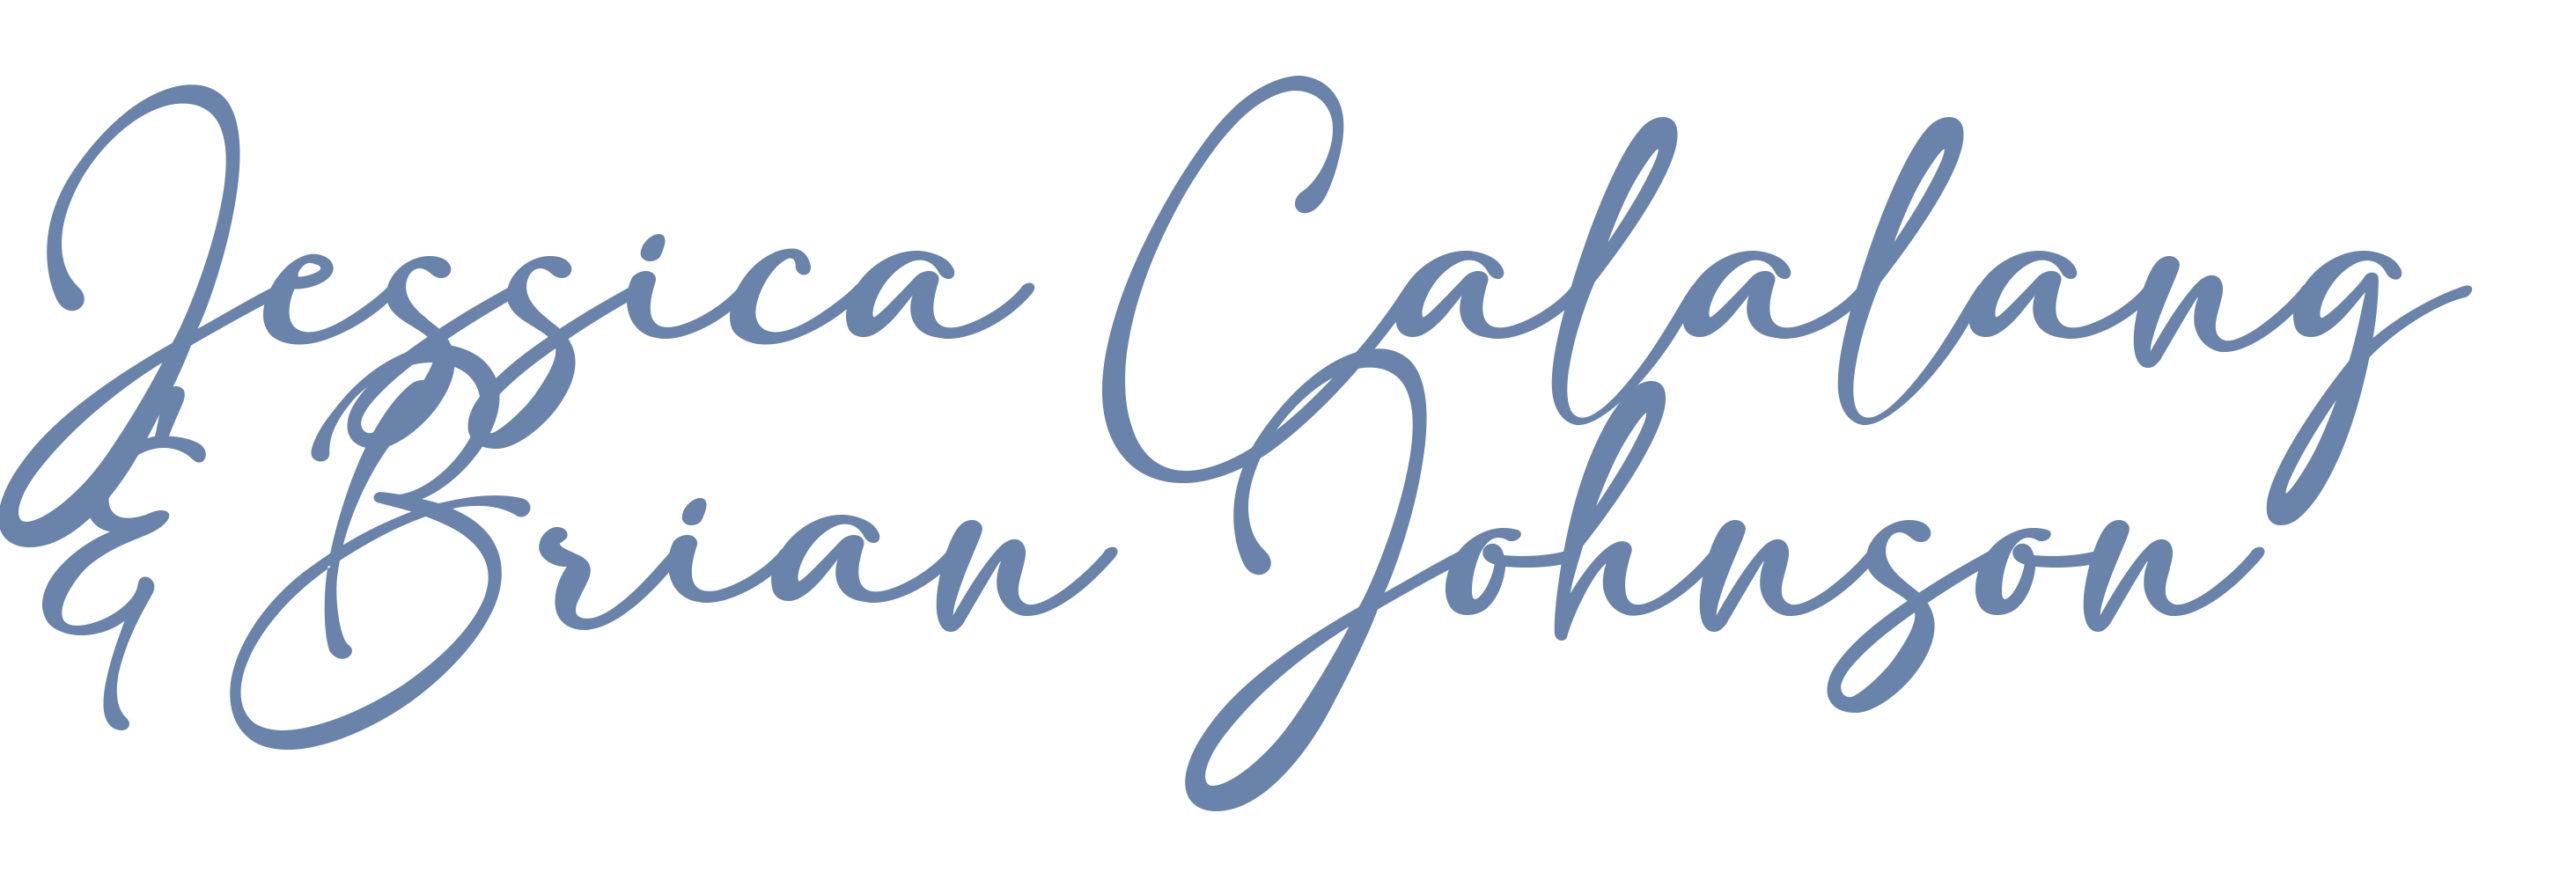 Jessica Calalang & Brian Johnson